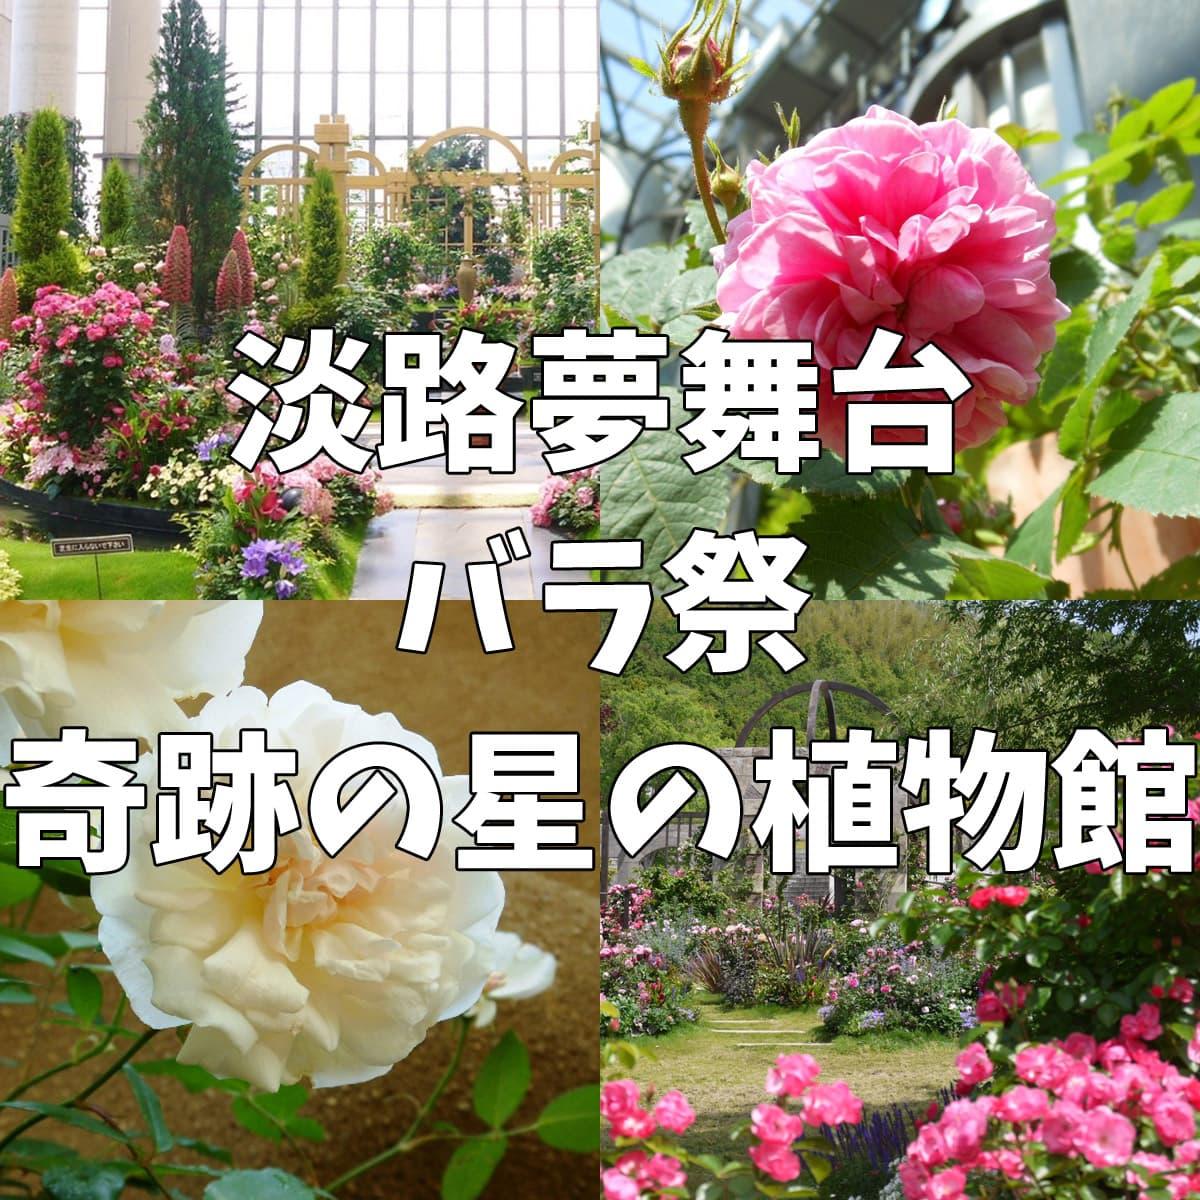 淡路島バラ(薔薇)奇跡の星の植物館